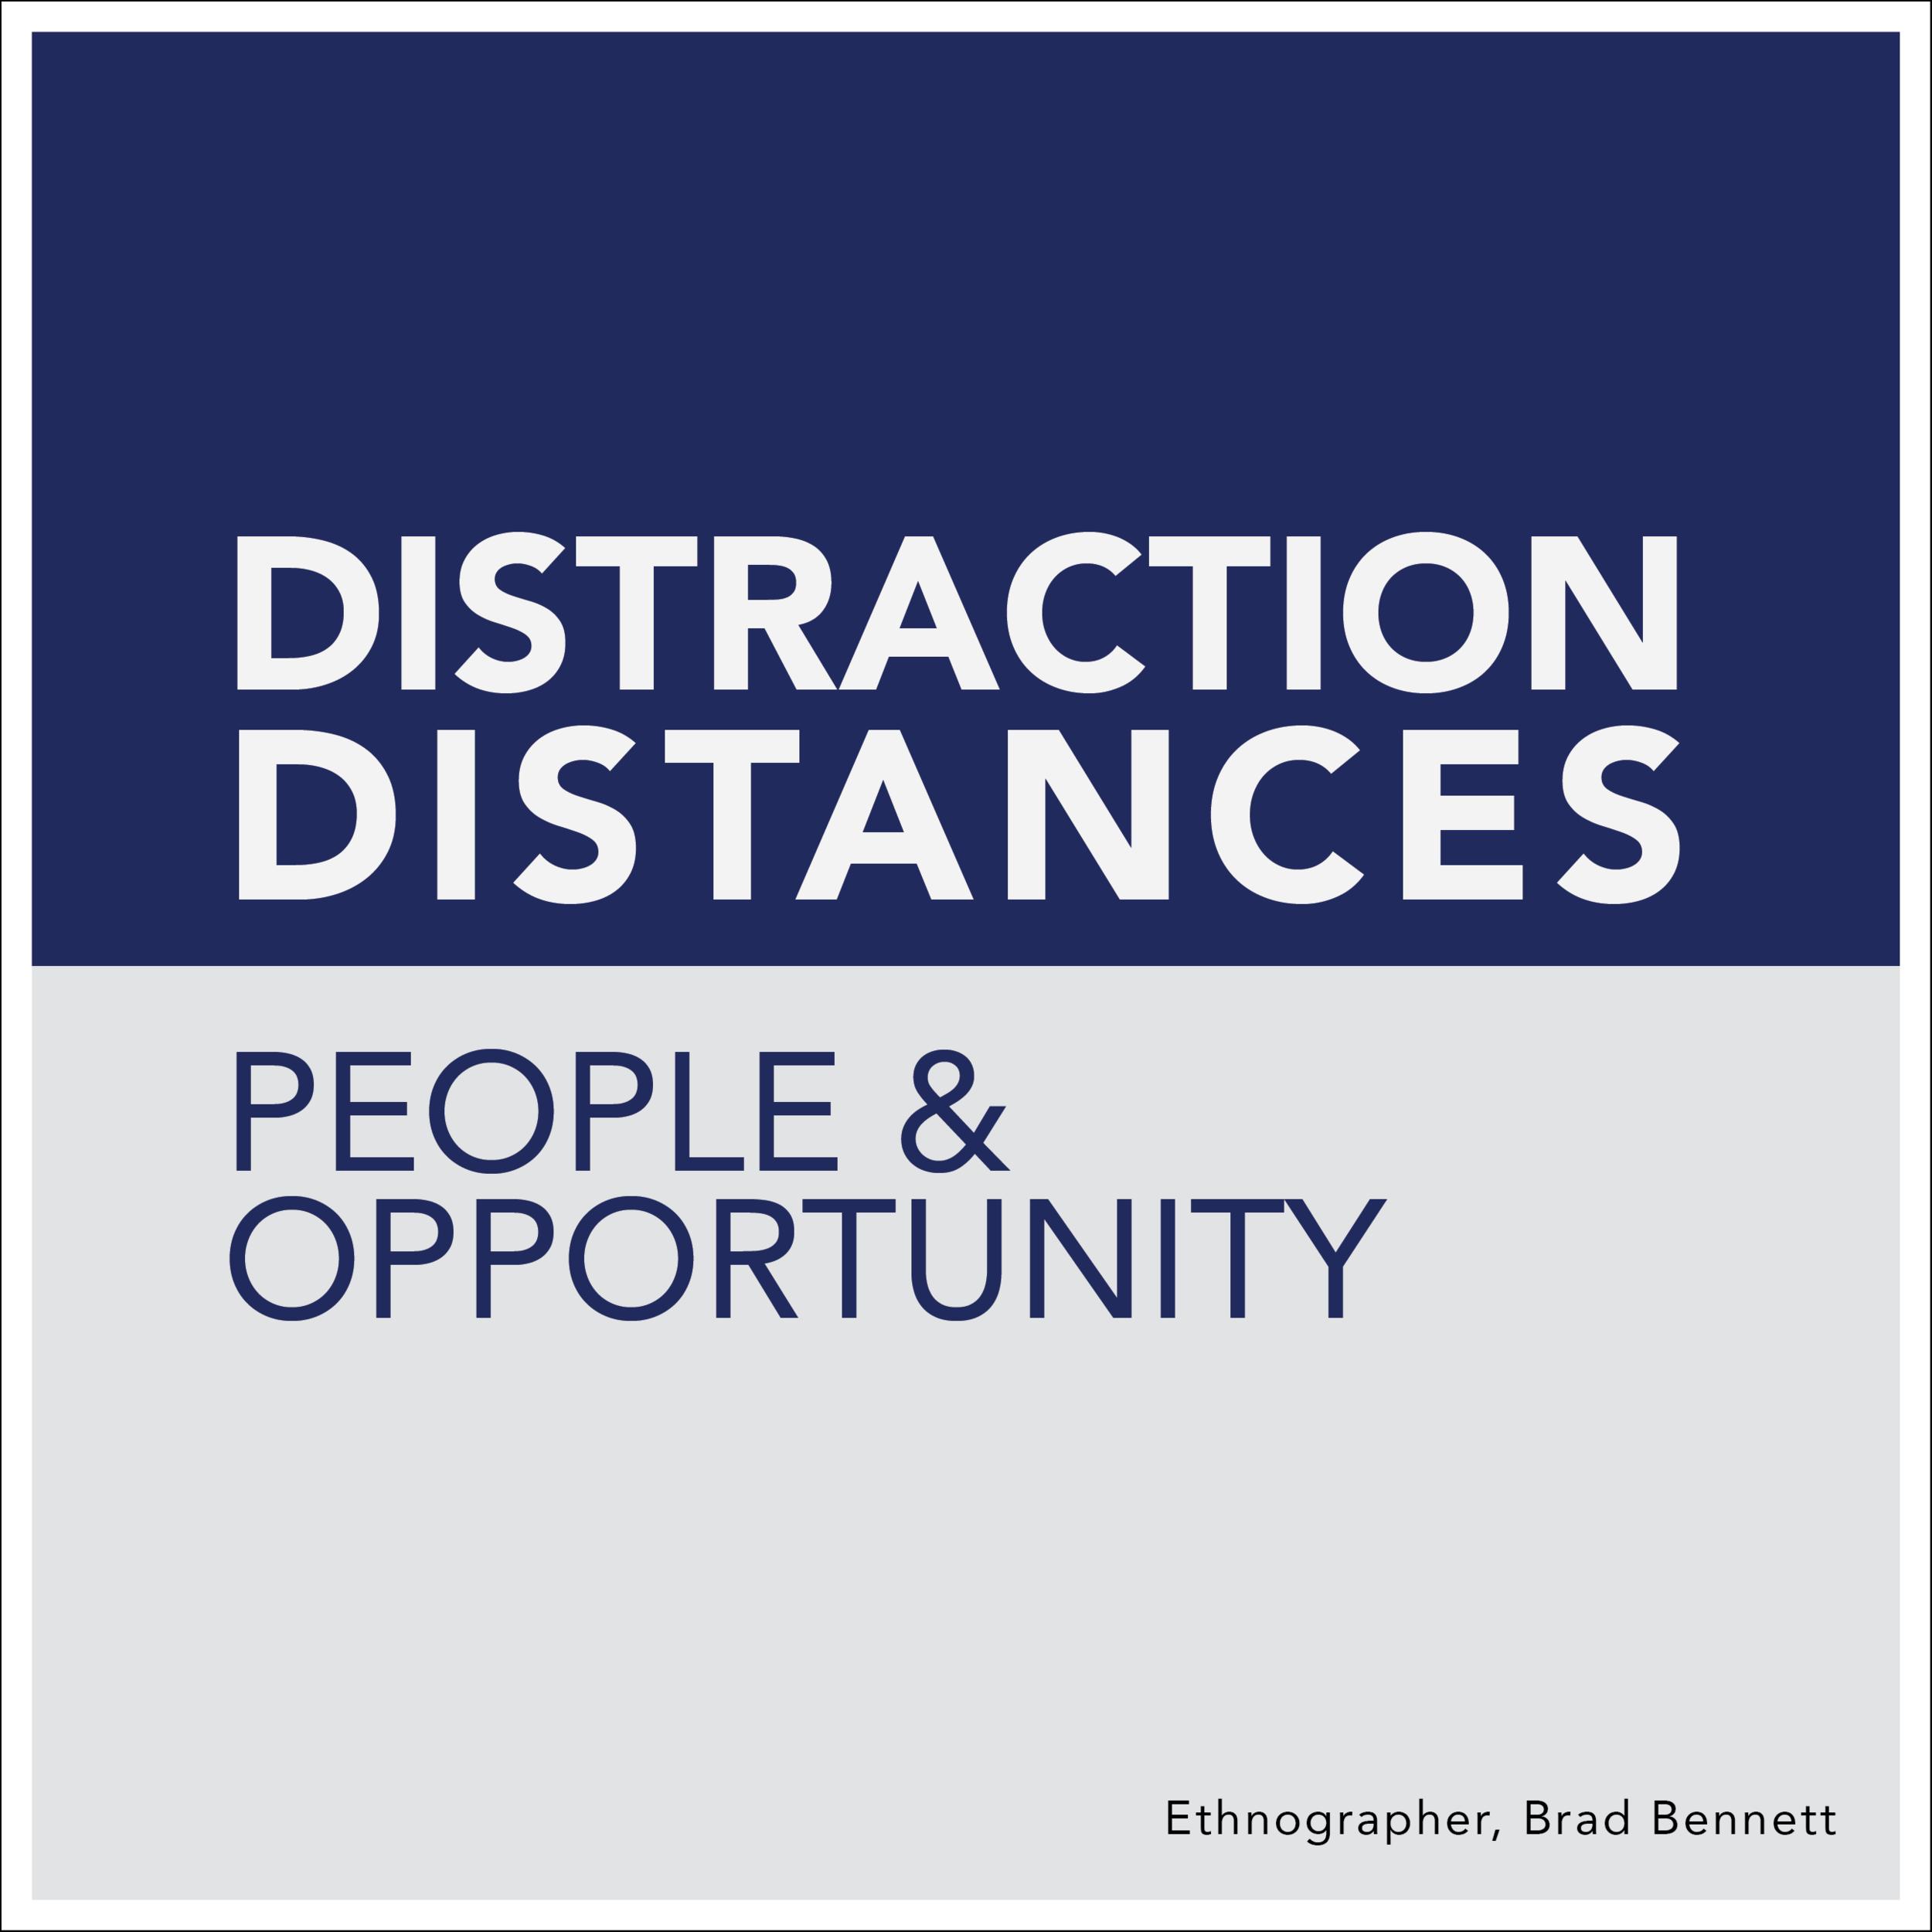 Ethnographer Brad Bennett Badge - Distraction